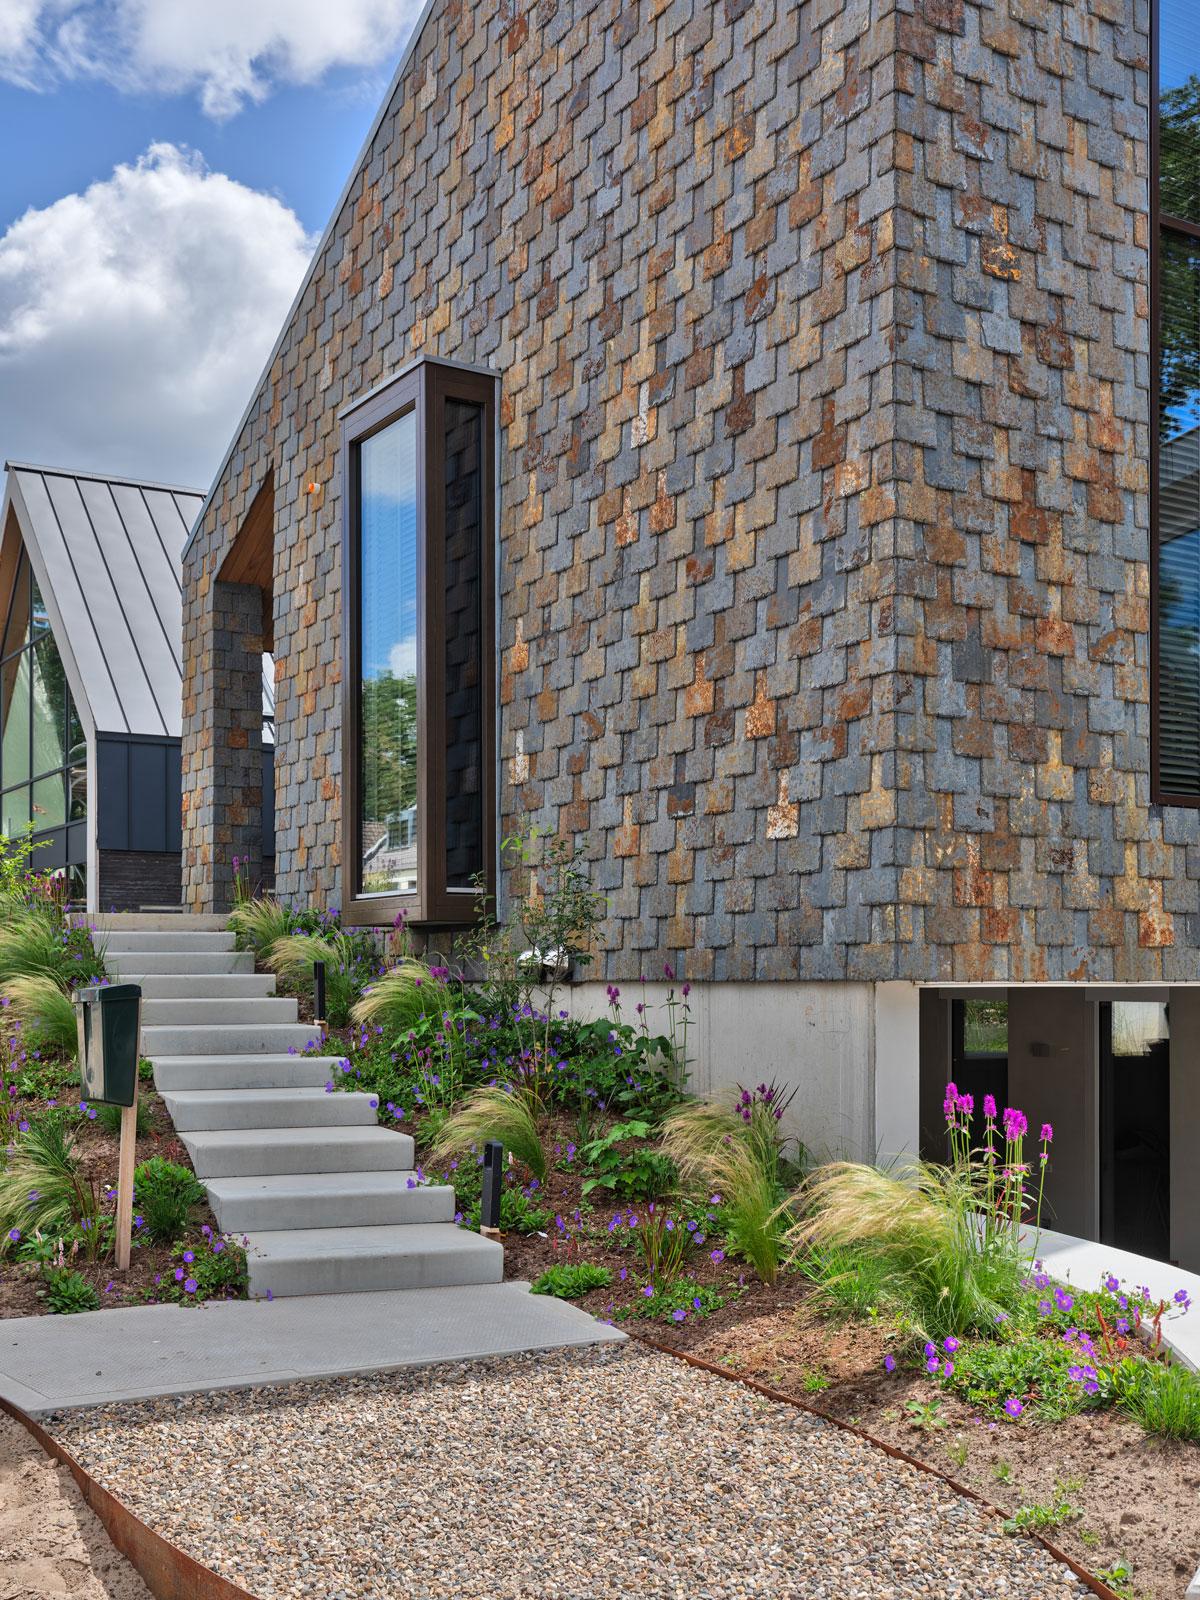 daken, rieten daken, leien daken, riet, lei, exclusieve daken, villa's, the art of living online